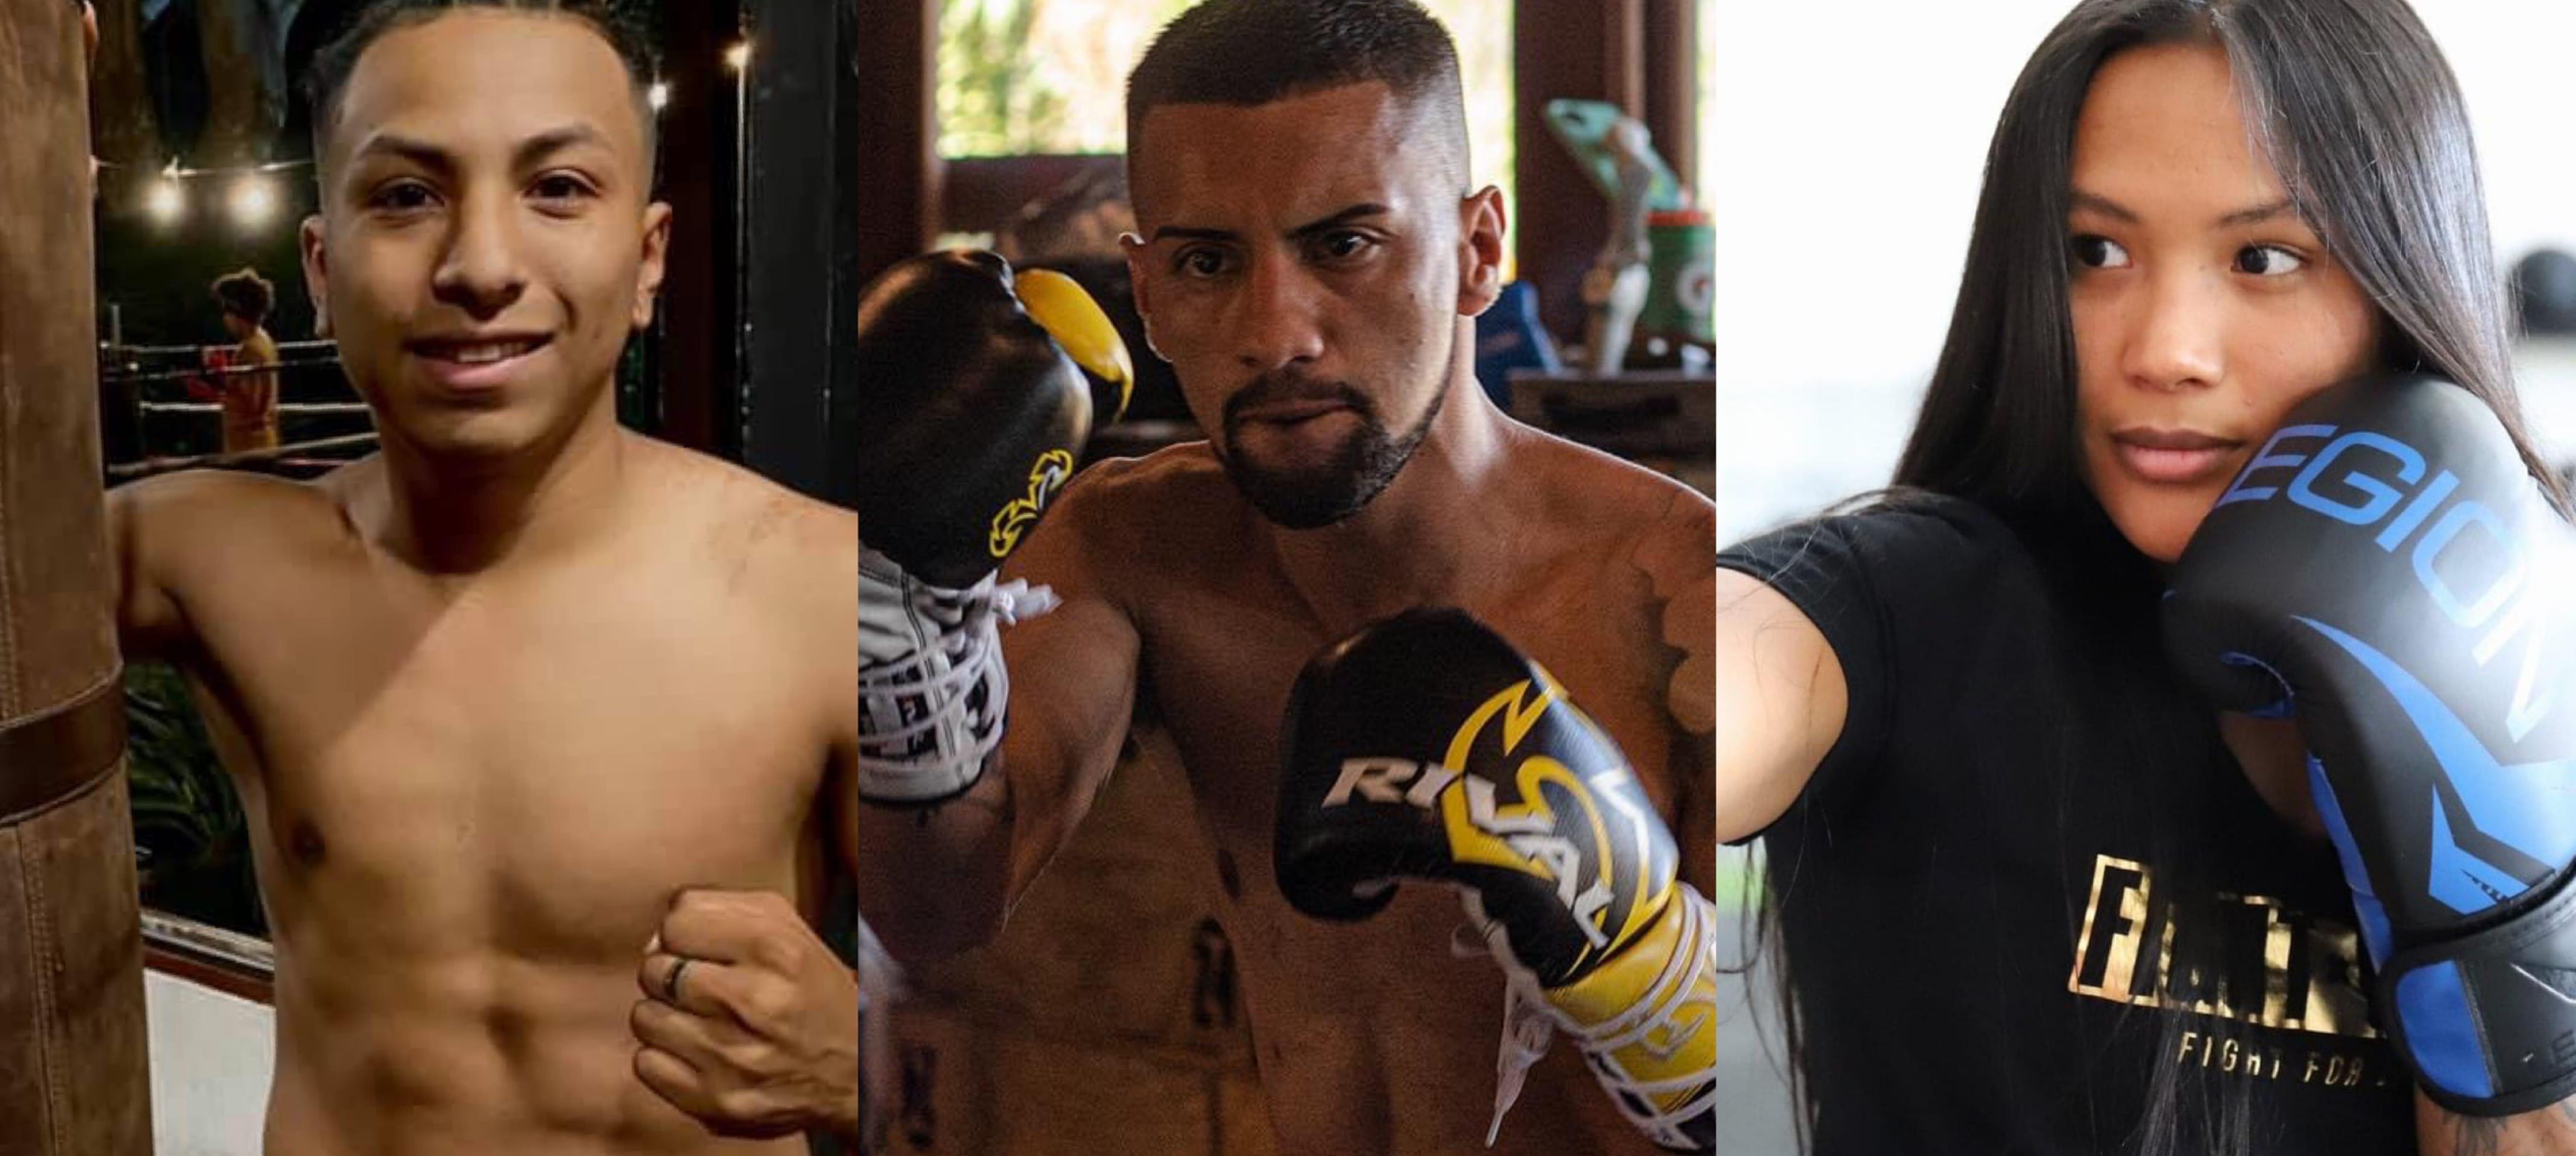 Tres ticos debutaron con victoria en el Boxeo Profesional